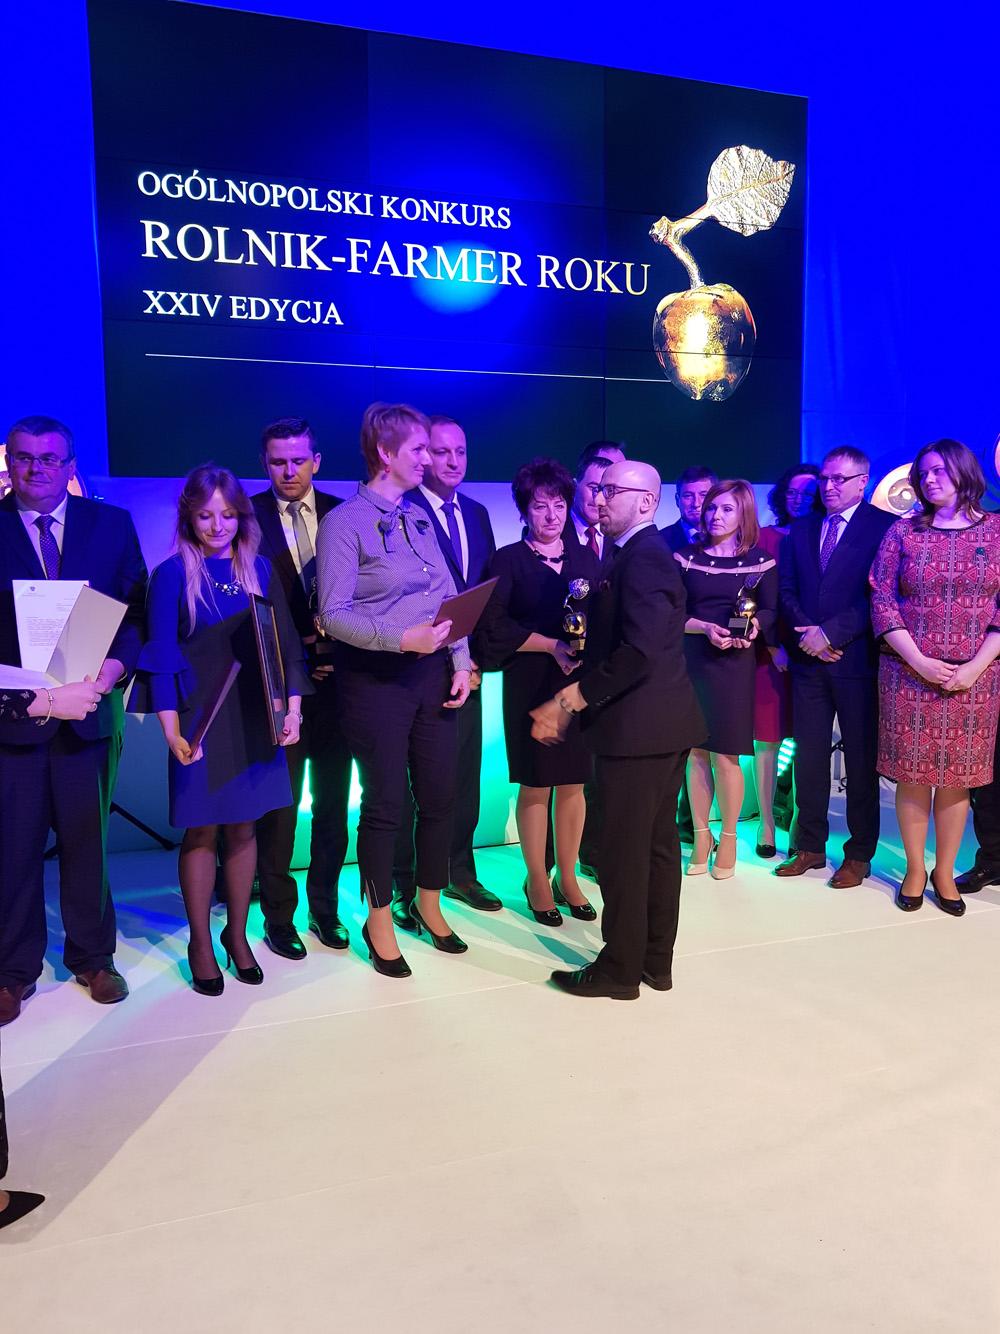 Wręczanie nagród przez Krzysztofa Łapińskiego, sekretarza stanu w Kancelarii Prezydenta RP